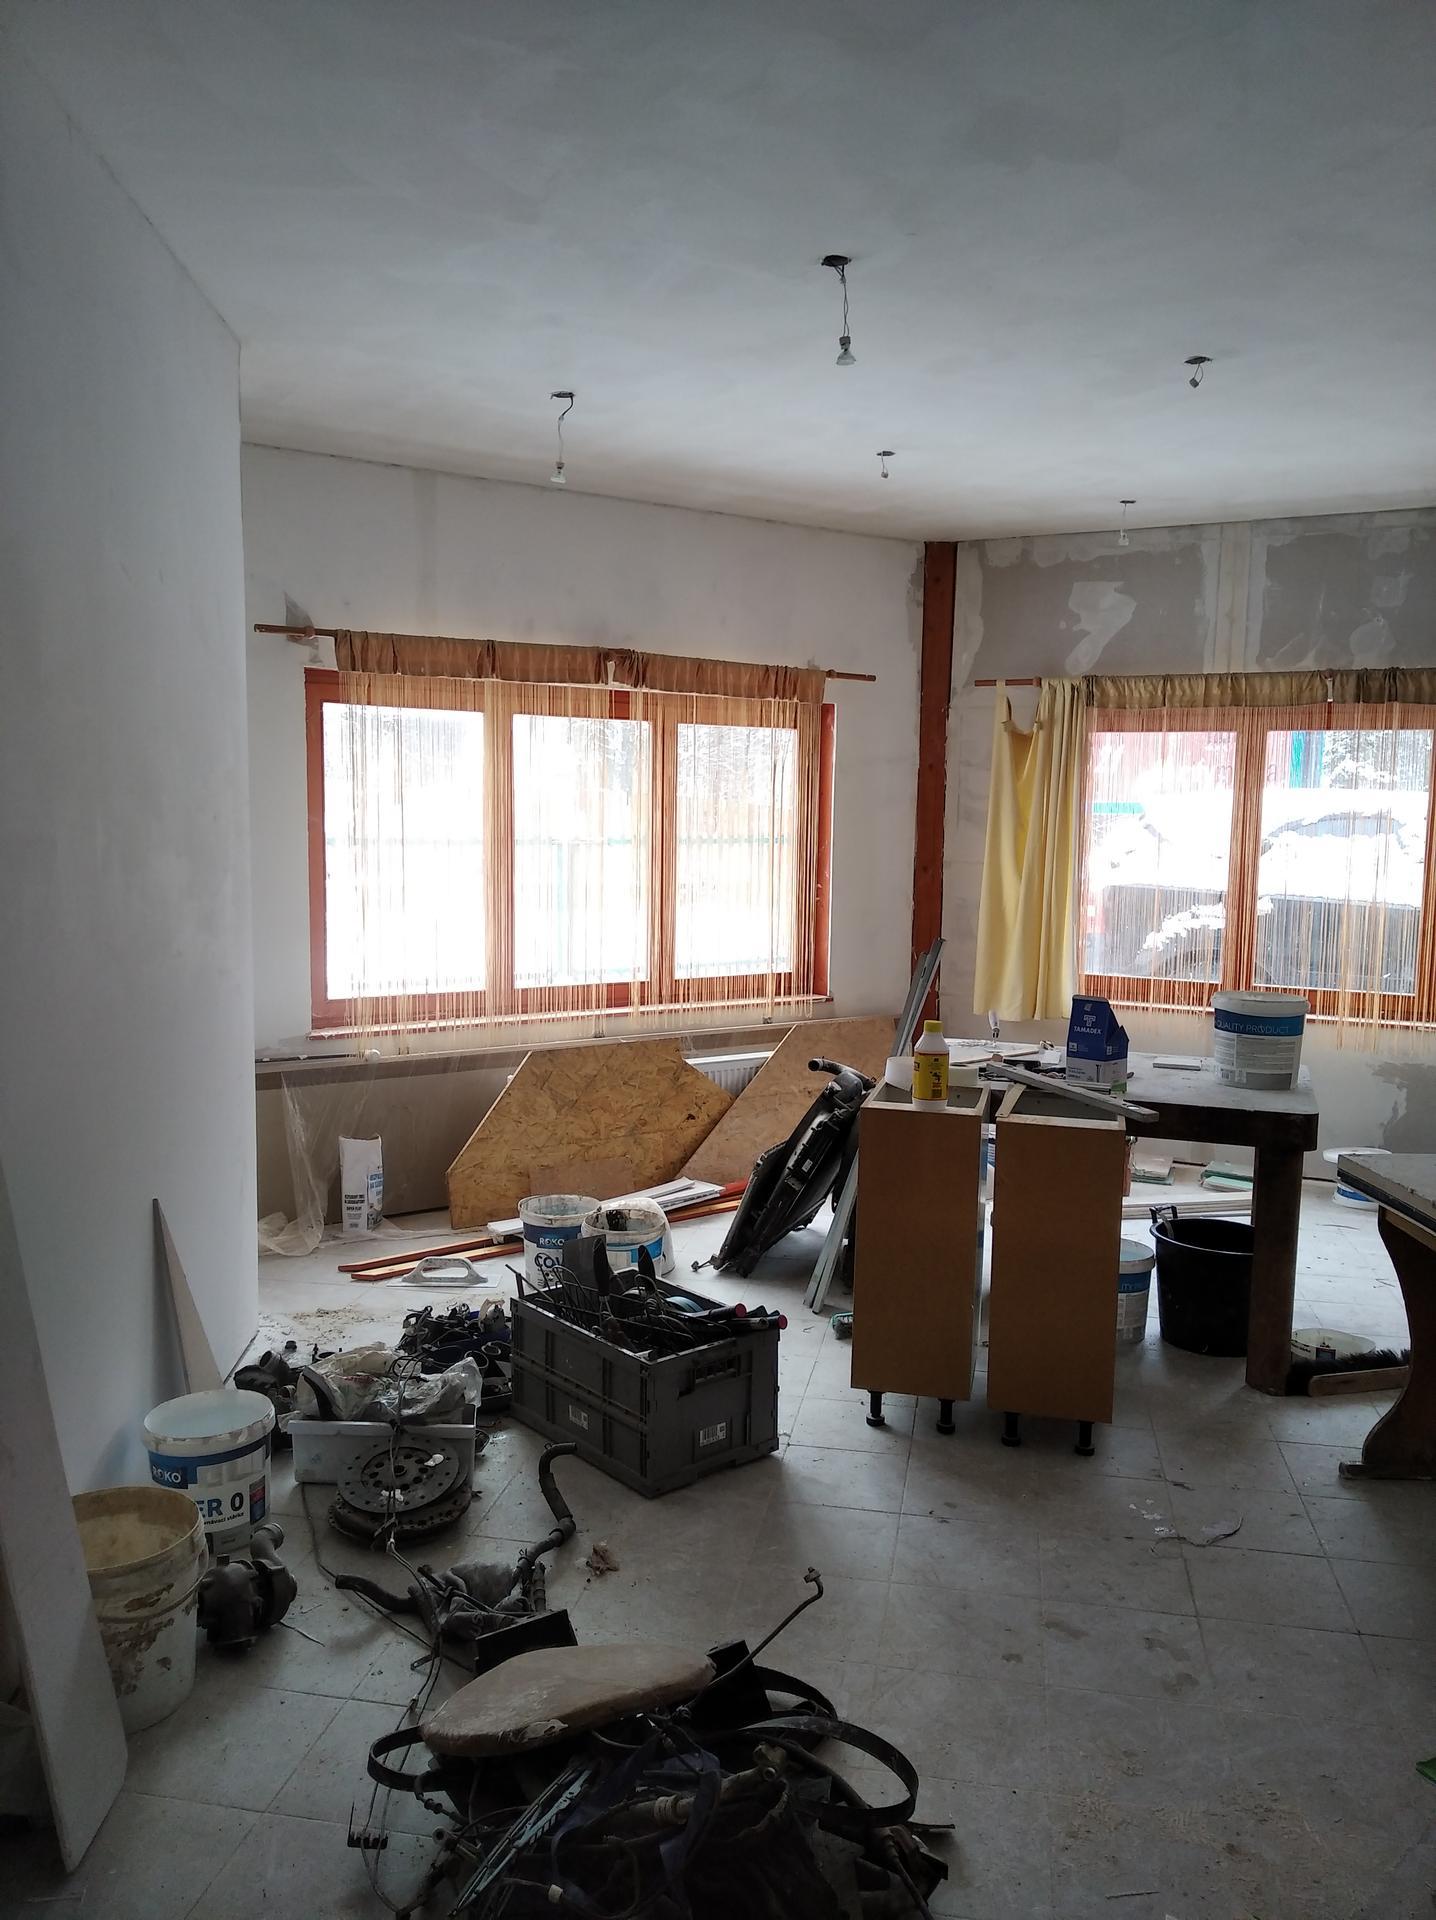 Přestavba hospůdky na bydlení - Obrázek č. 66